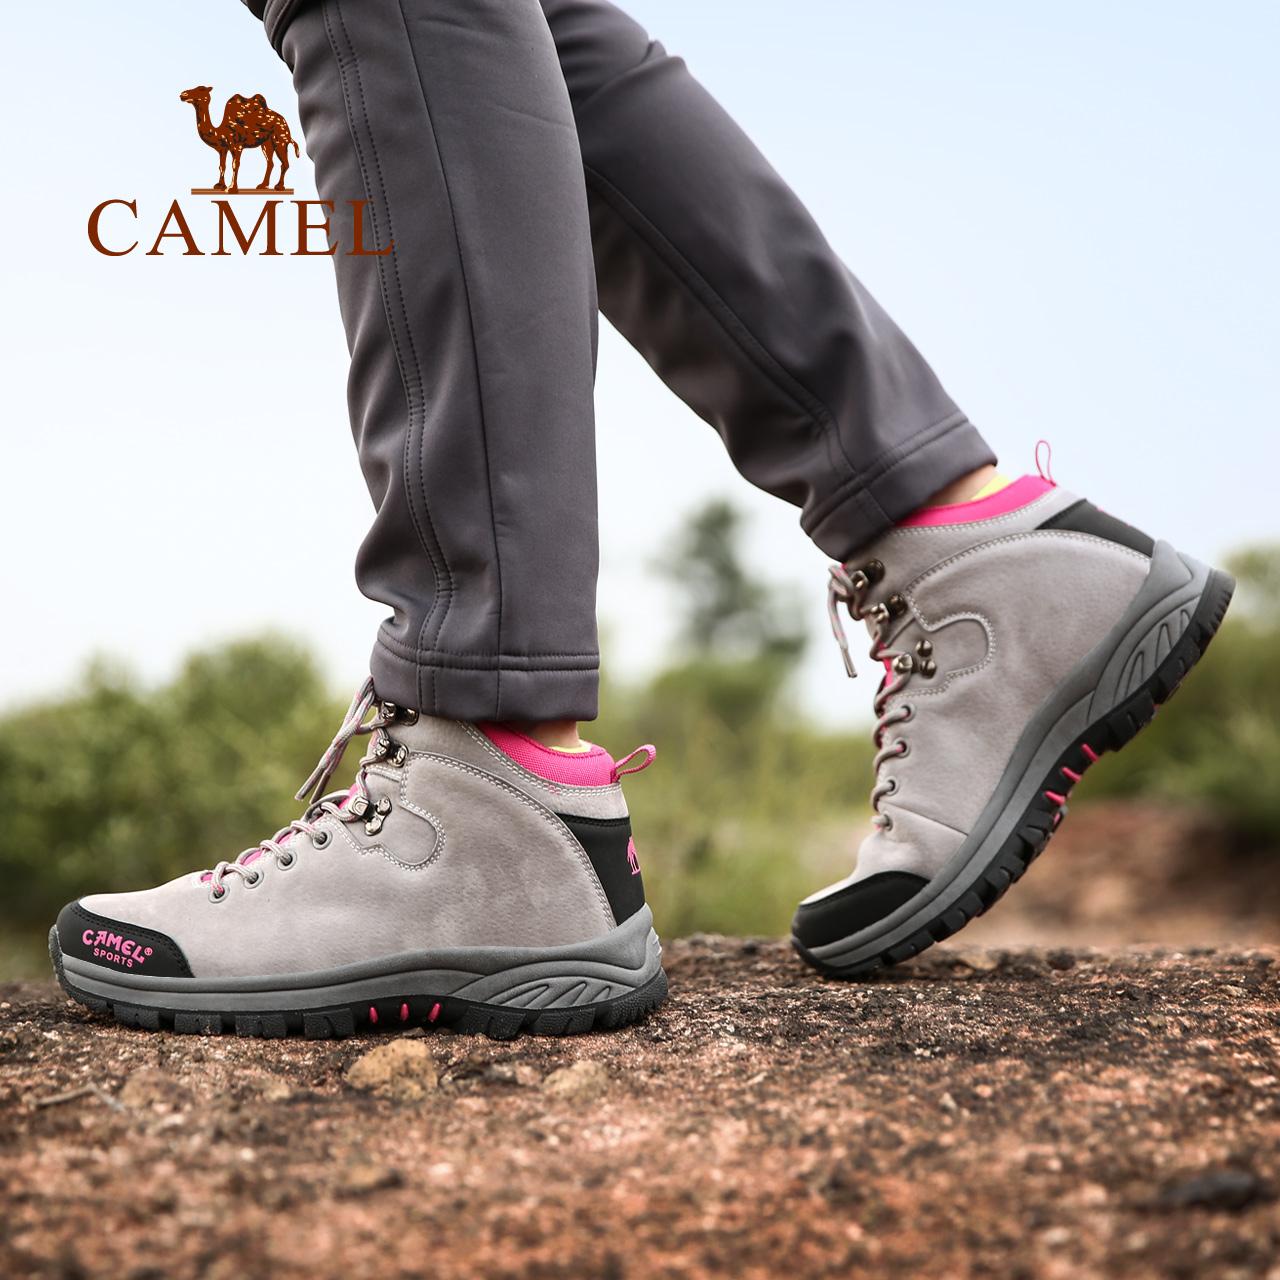 трекинговые кроссовки Camel a74601601 2017 Camel